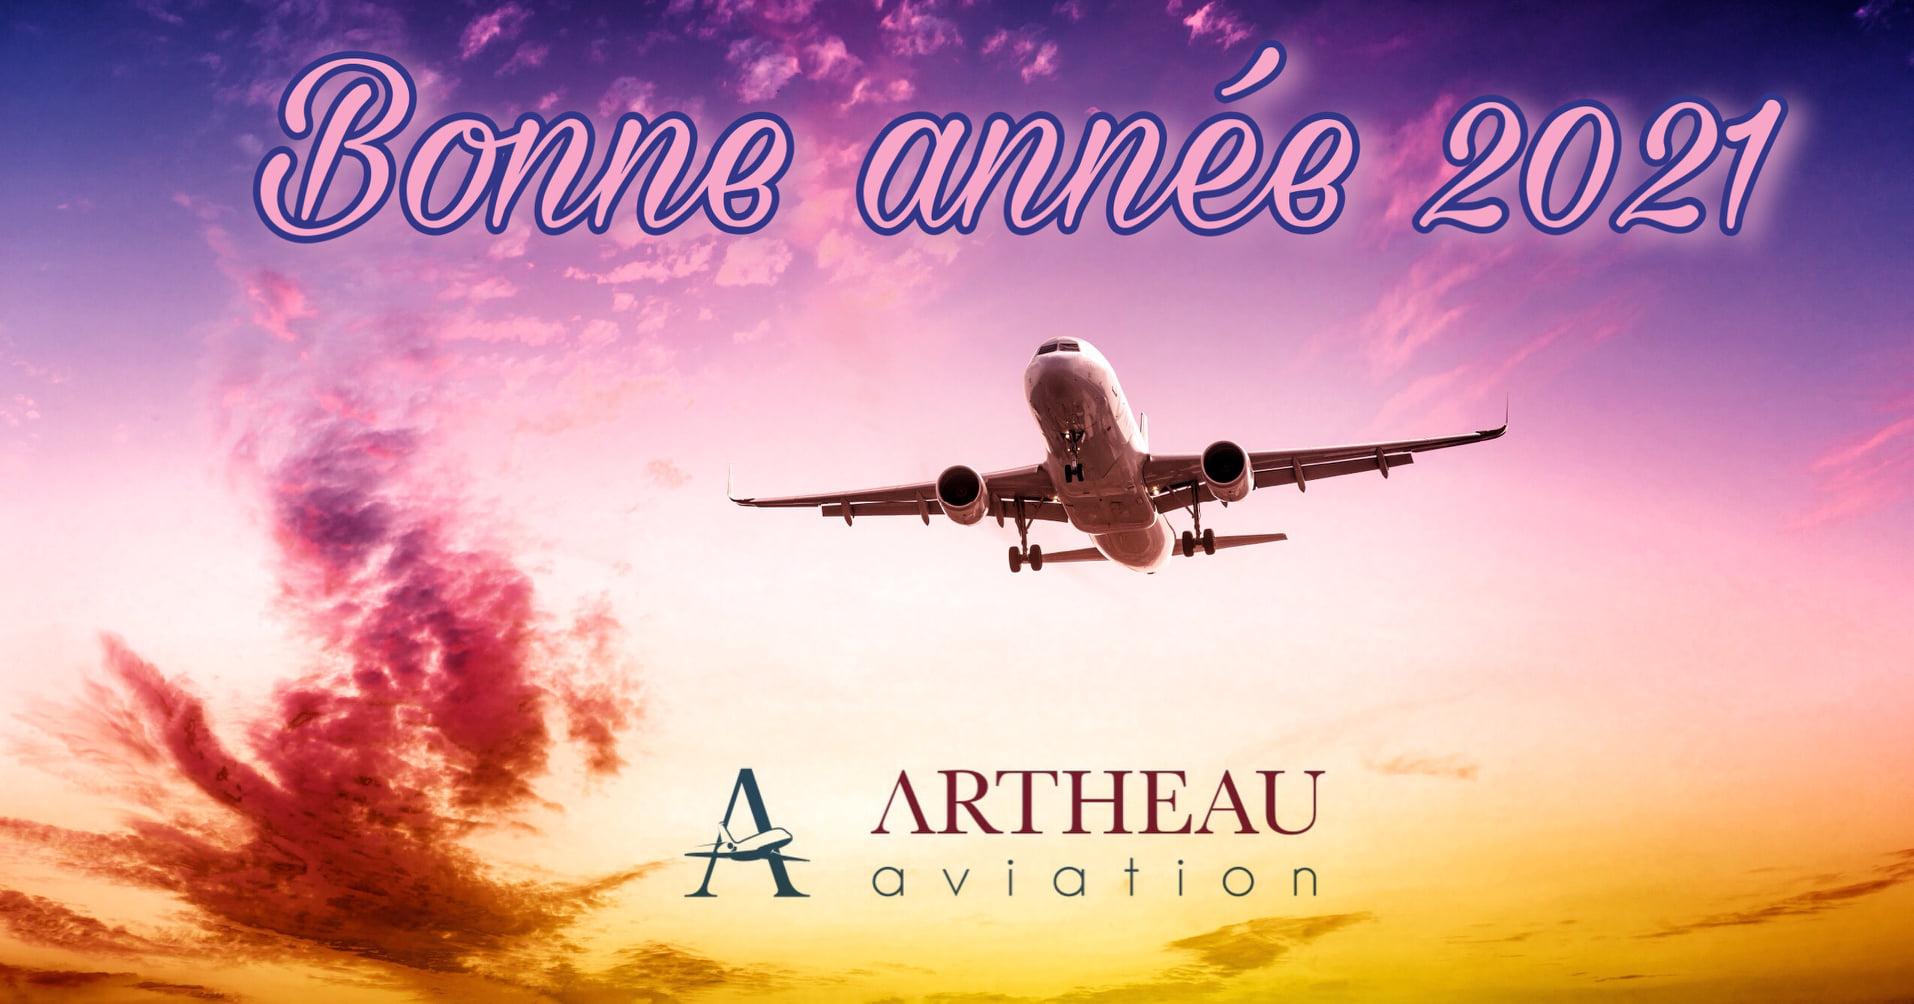 Artheau Aviation vous souhaite une bonne année 2021 !